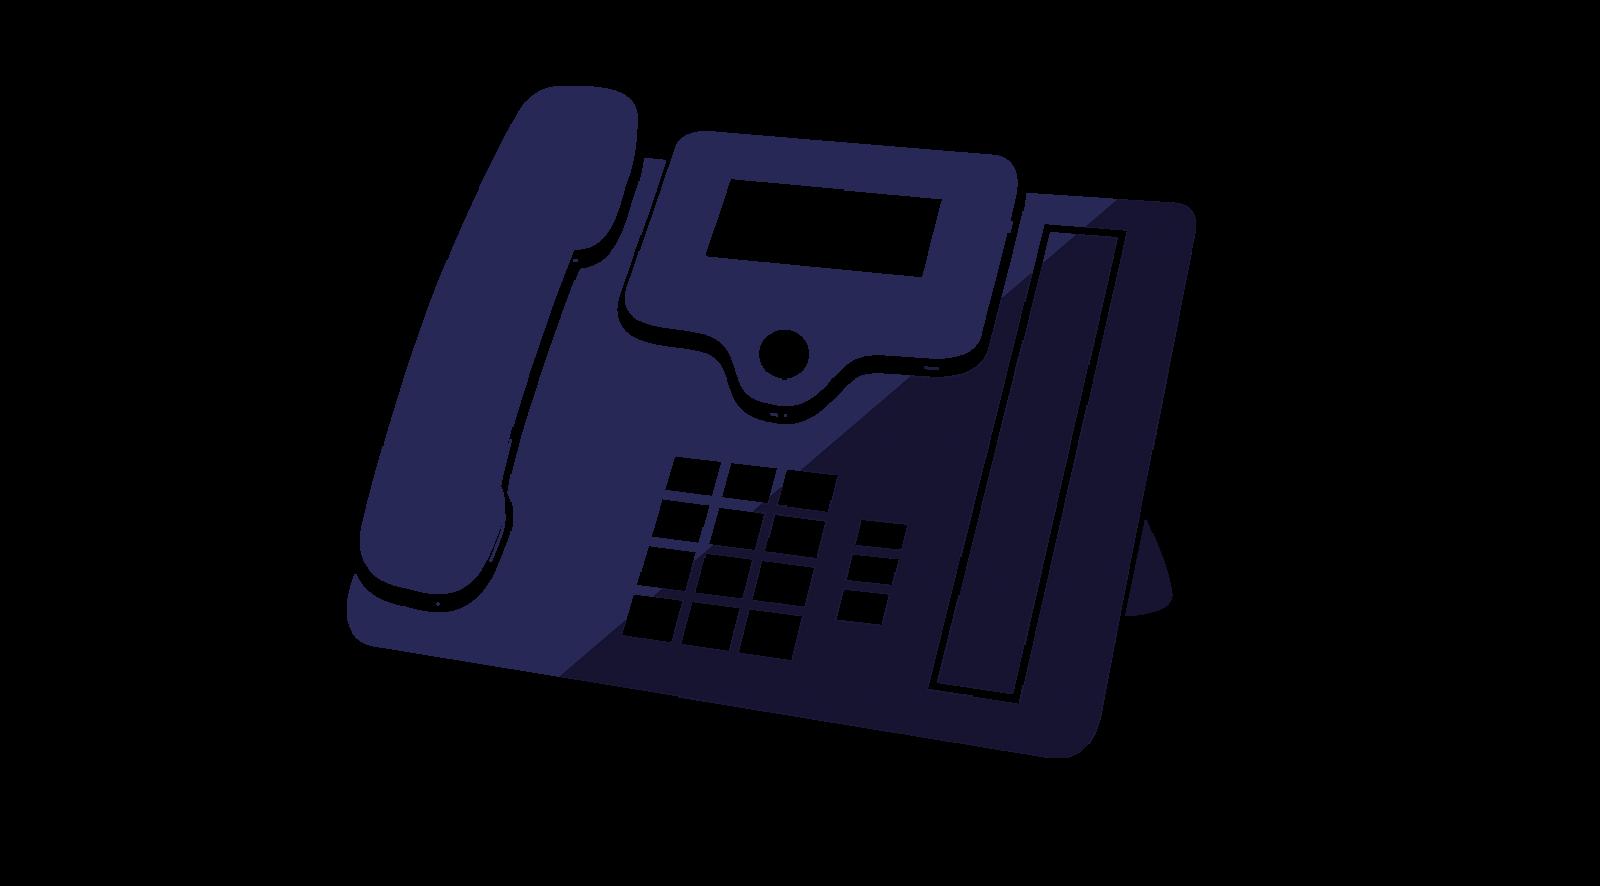 Telefonie en internet   Bedrijfsruimte huren   Crown Business Center